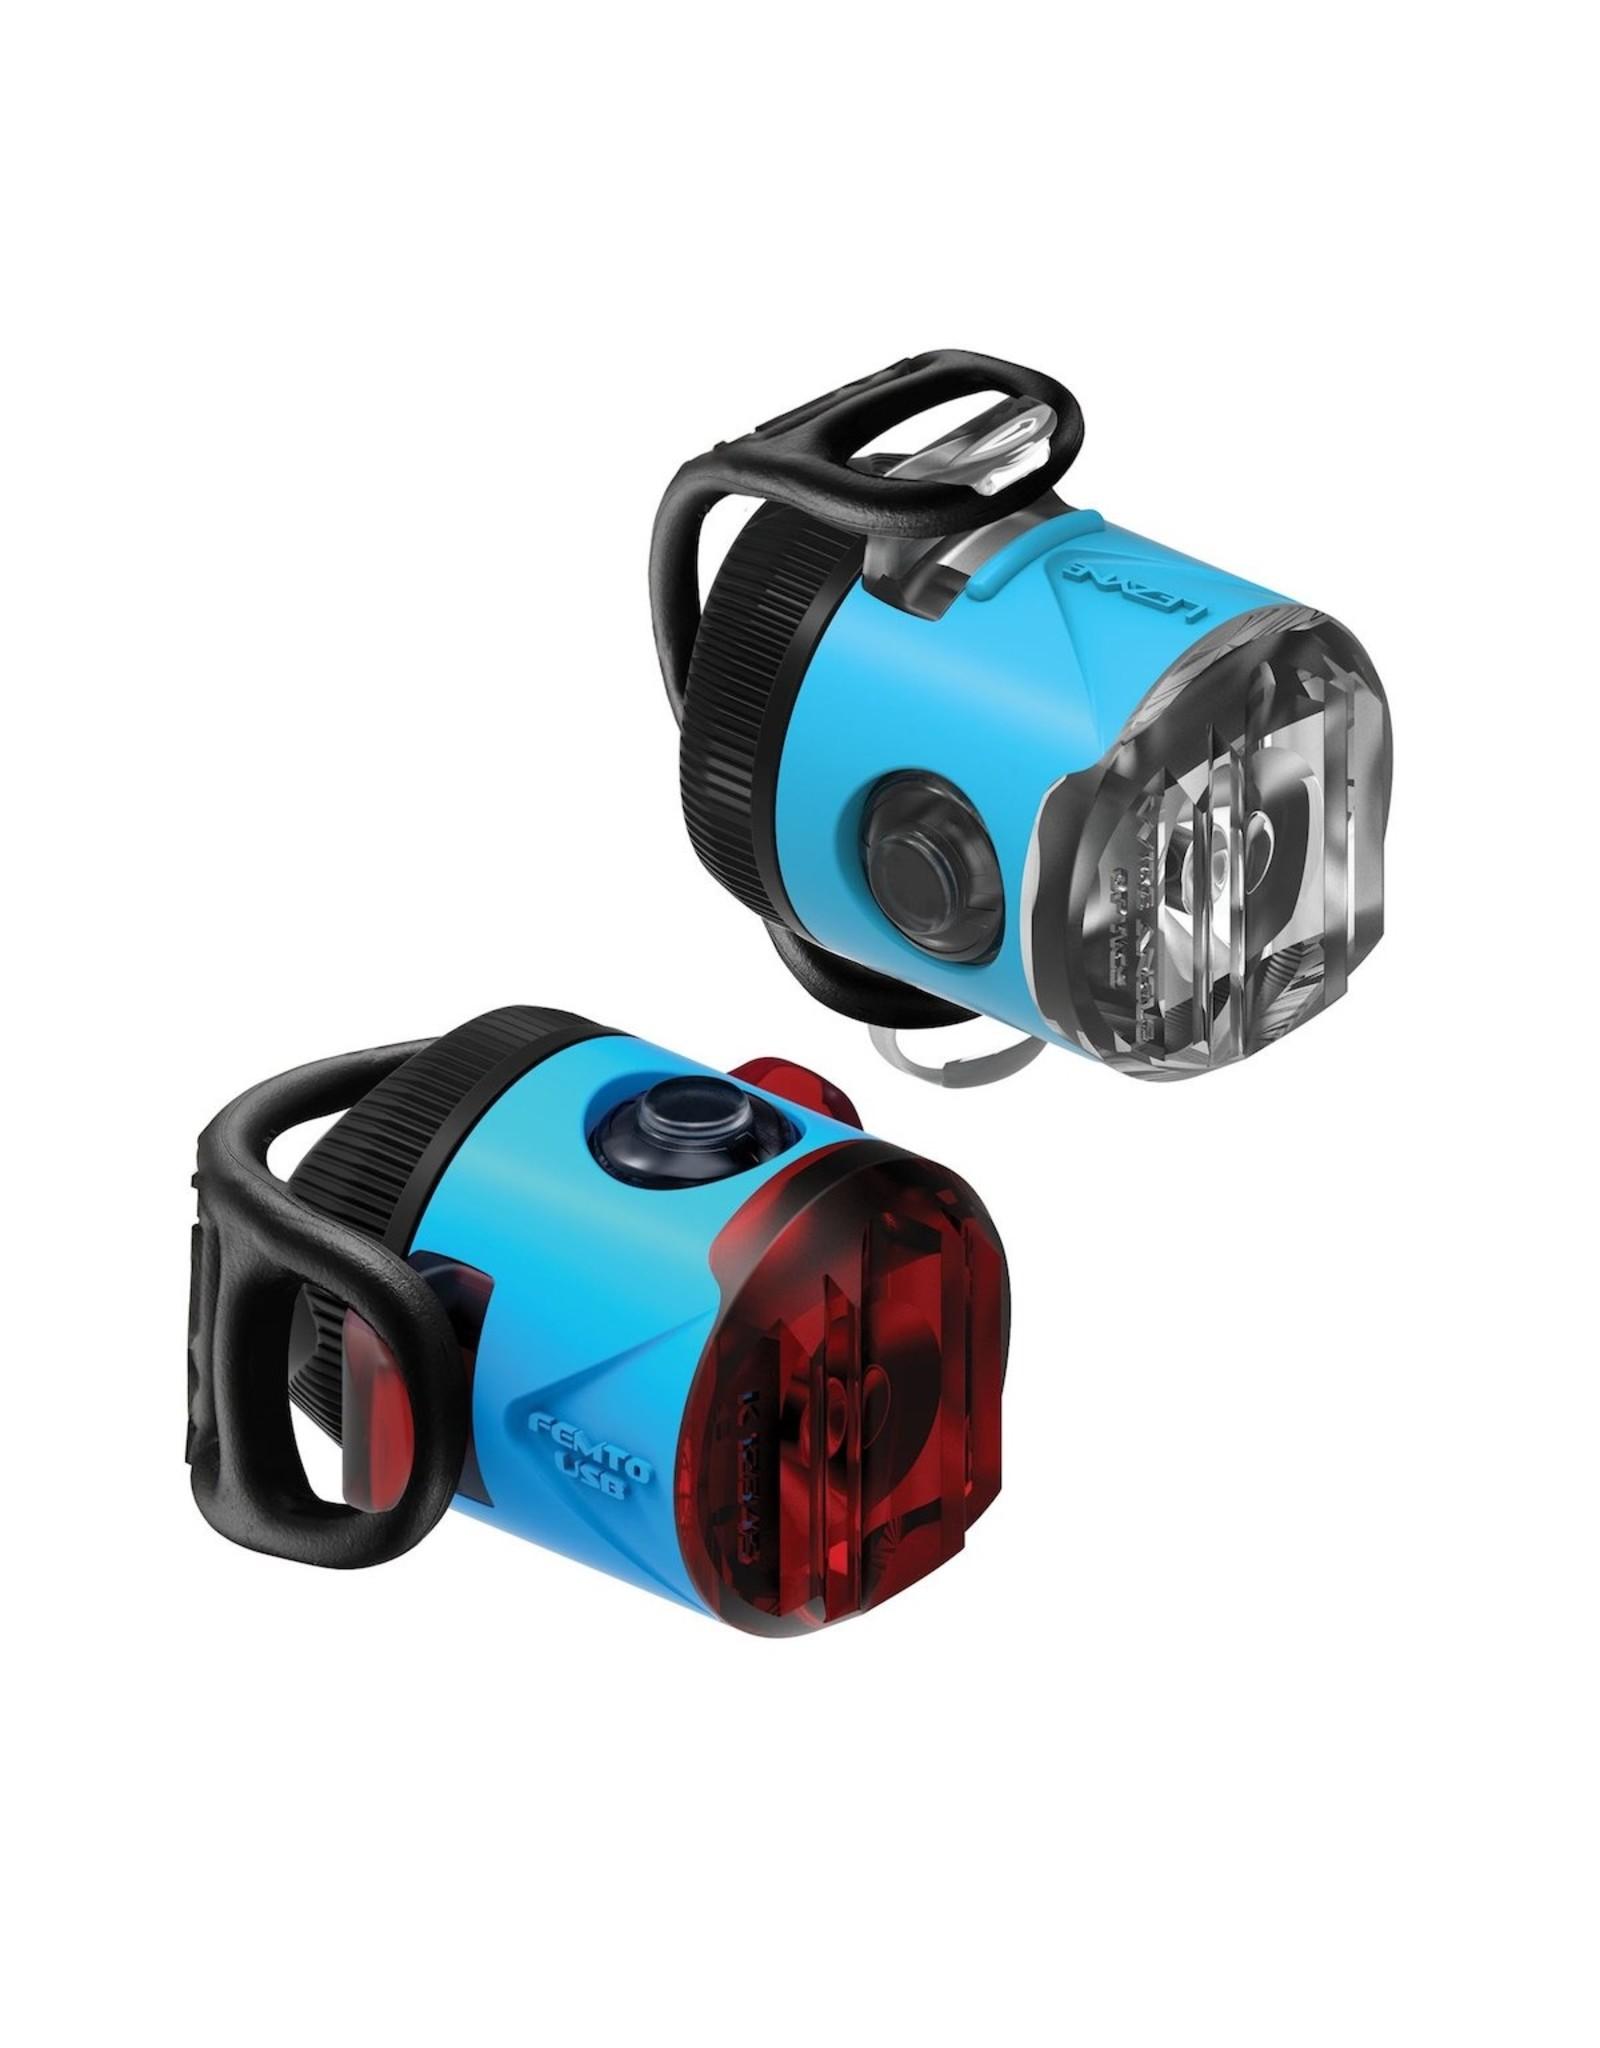 Lezyne Lezyne Femto USB Drive Pair